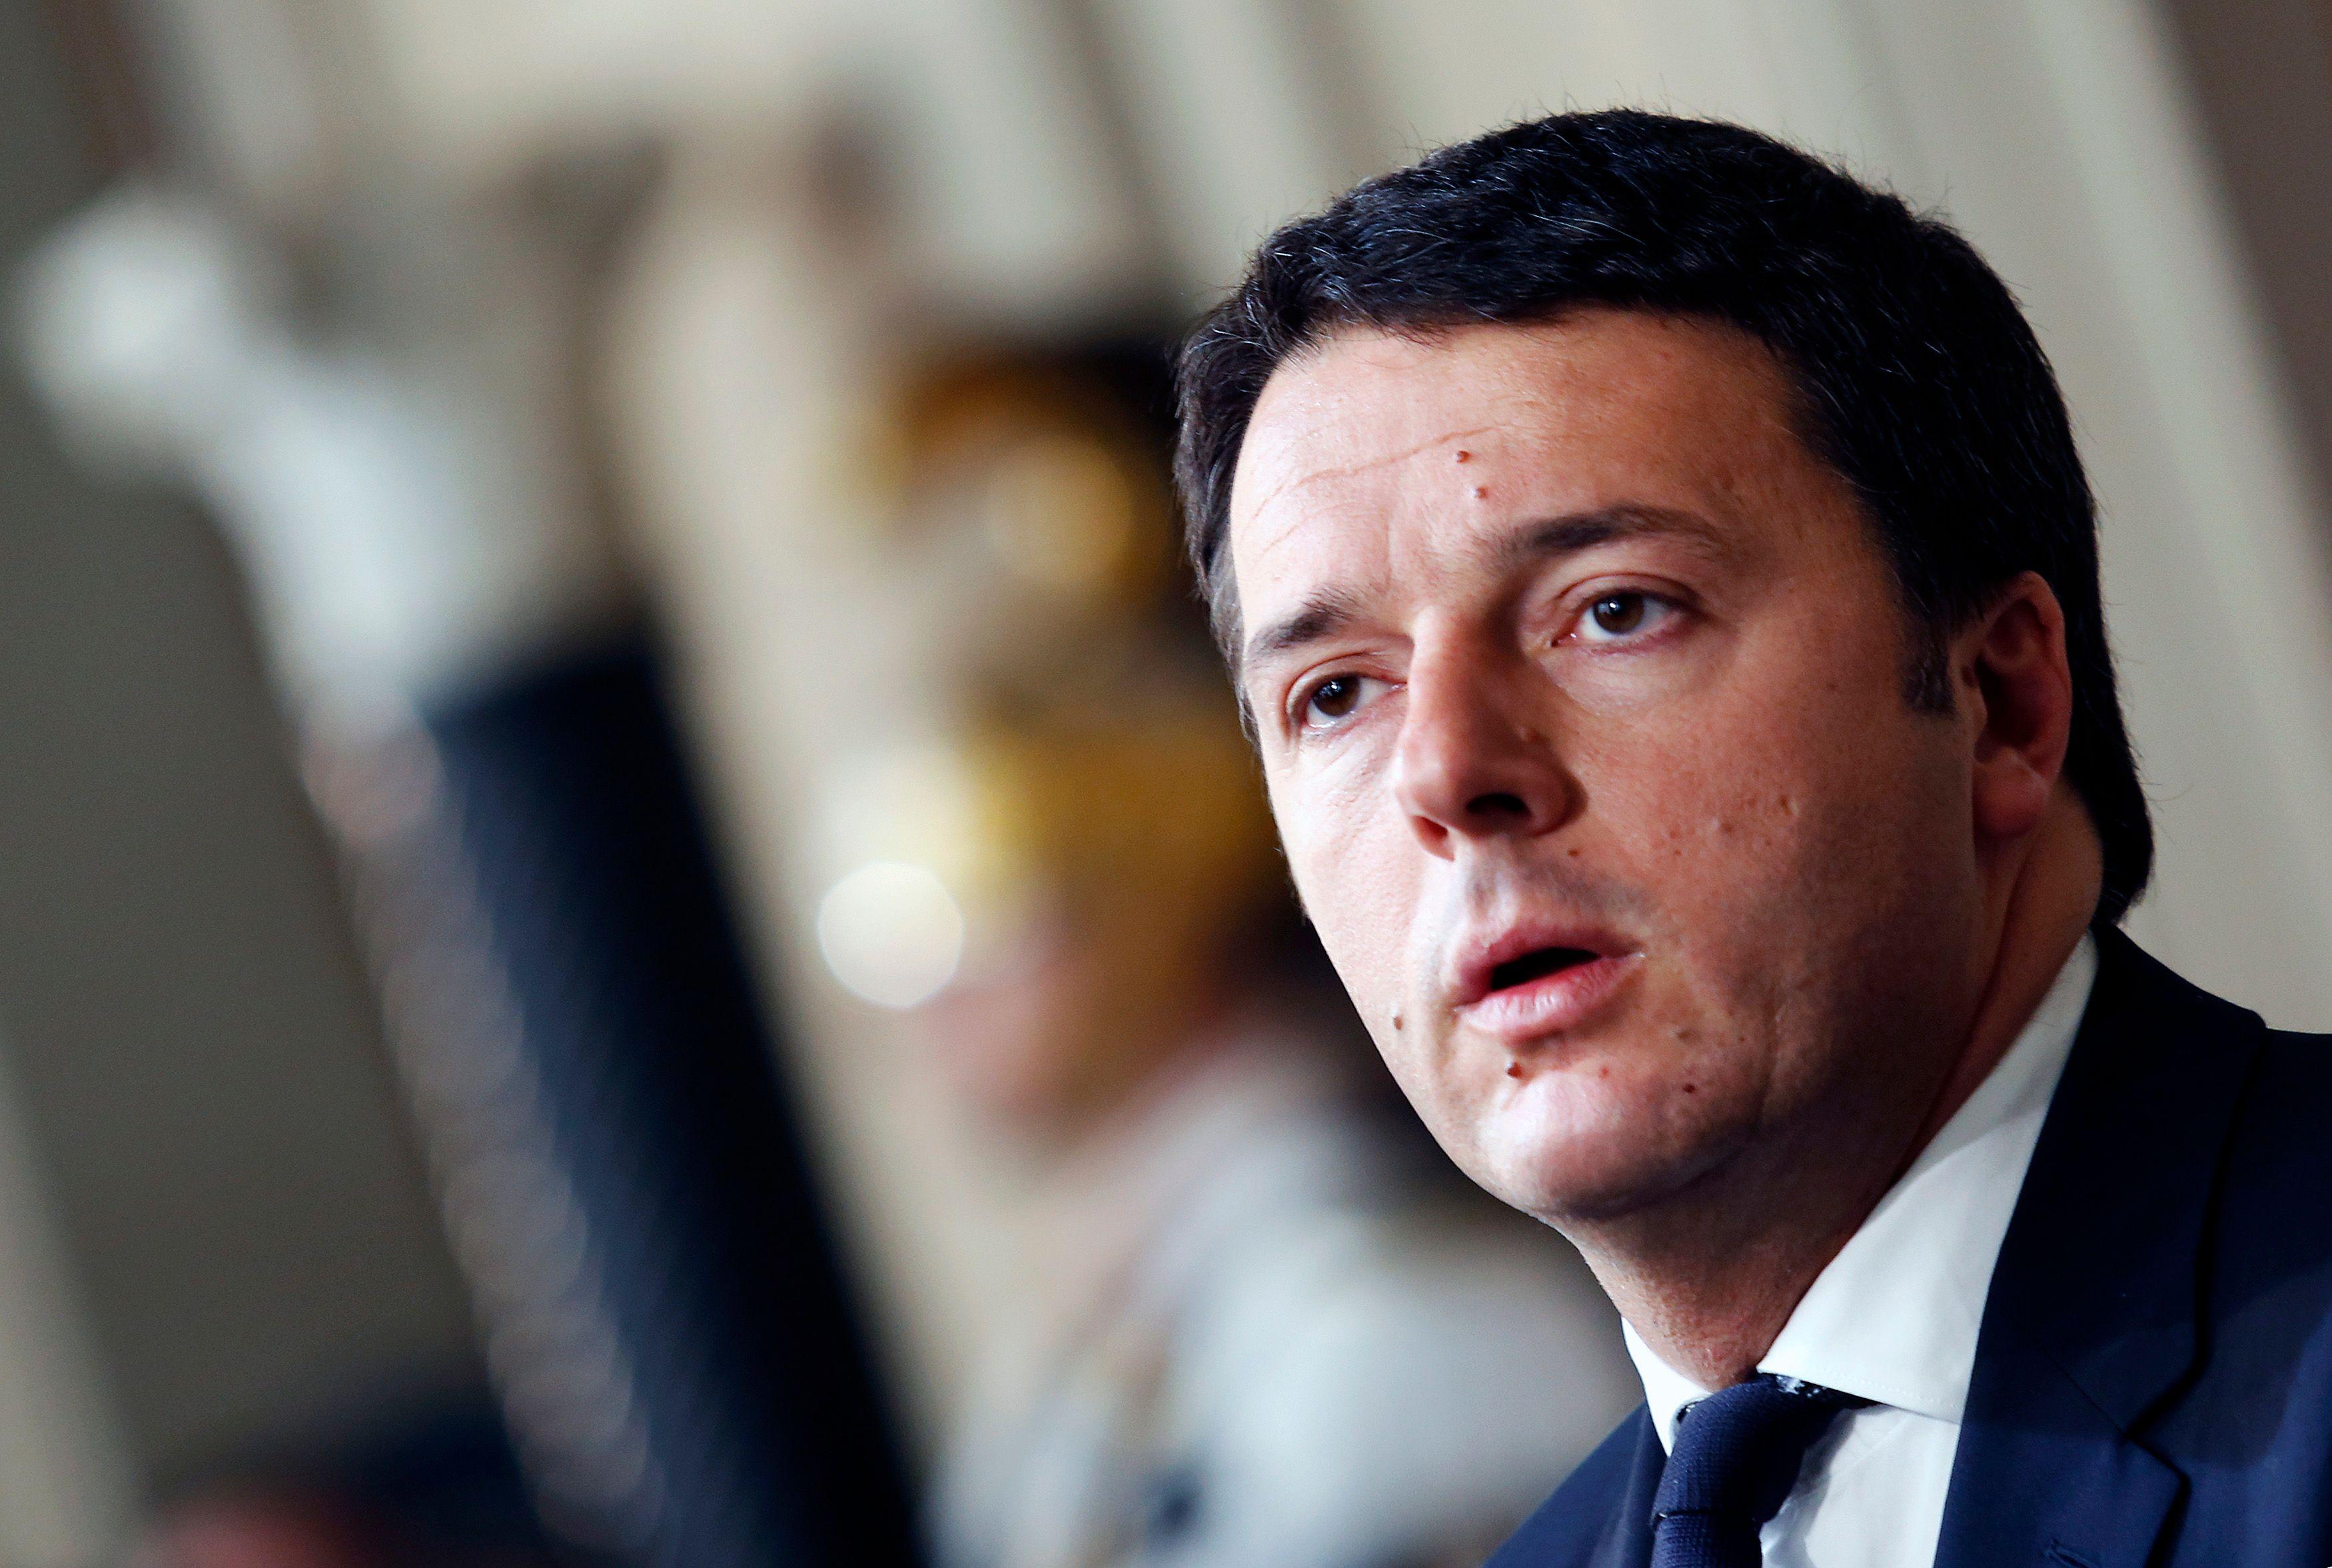 Syrie : Renzi soutient Hollande, Cameron tente de convaincre son parlement